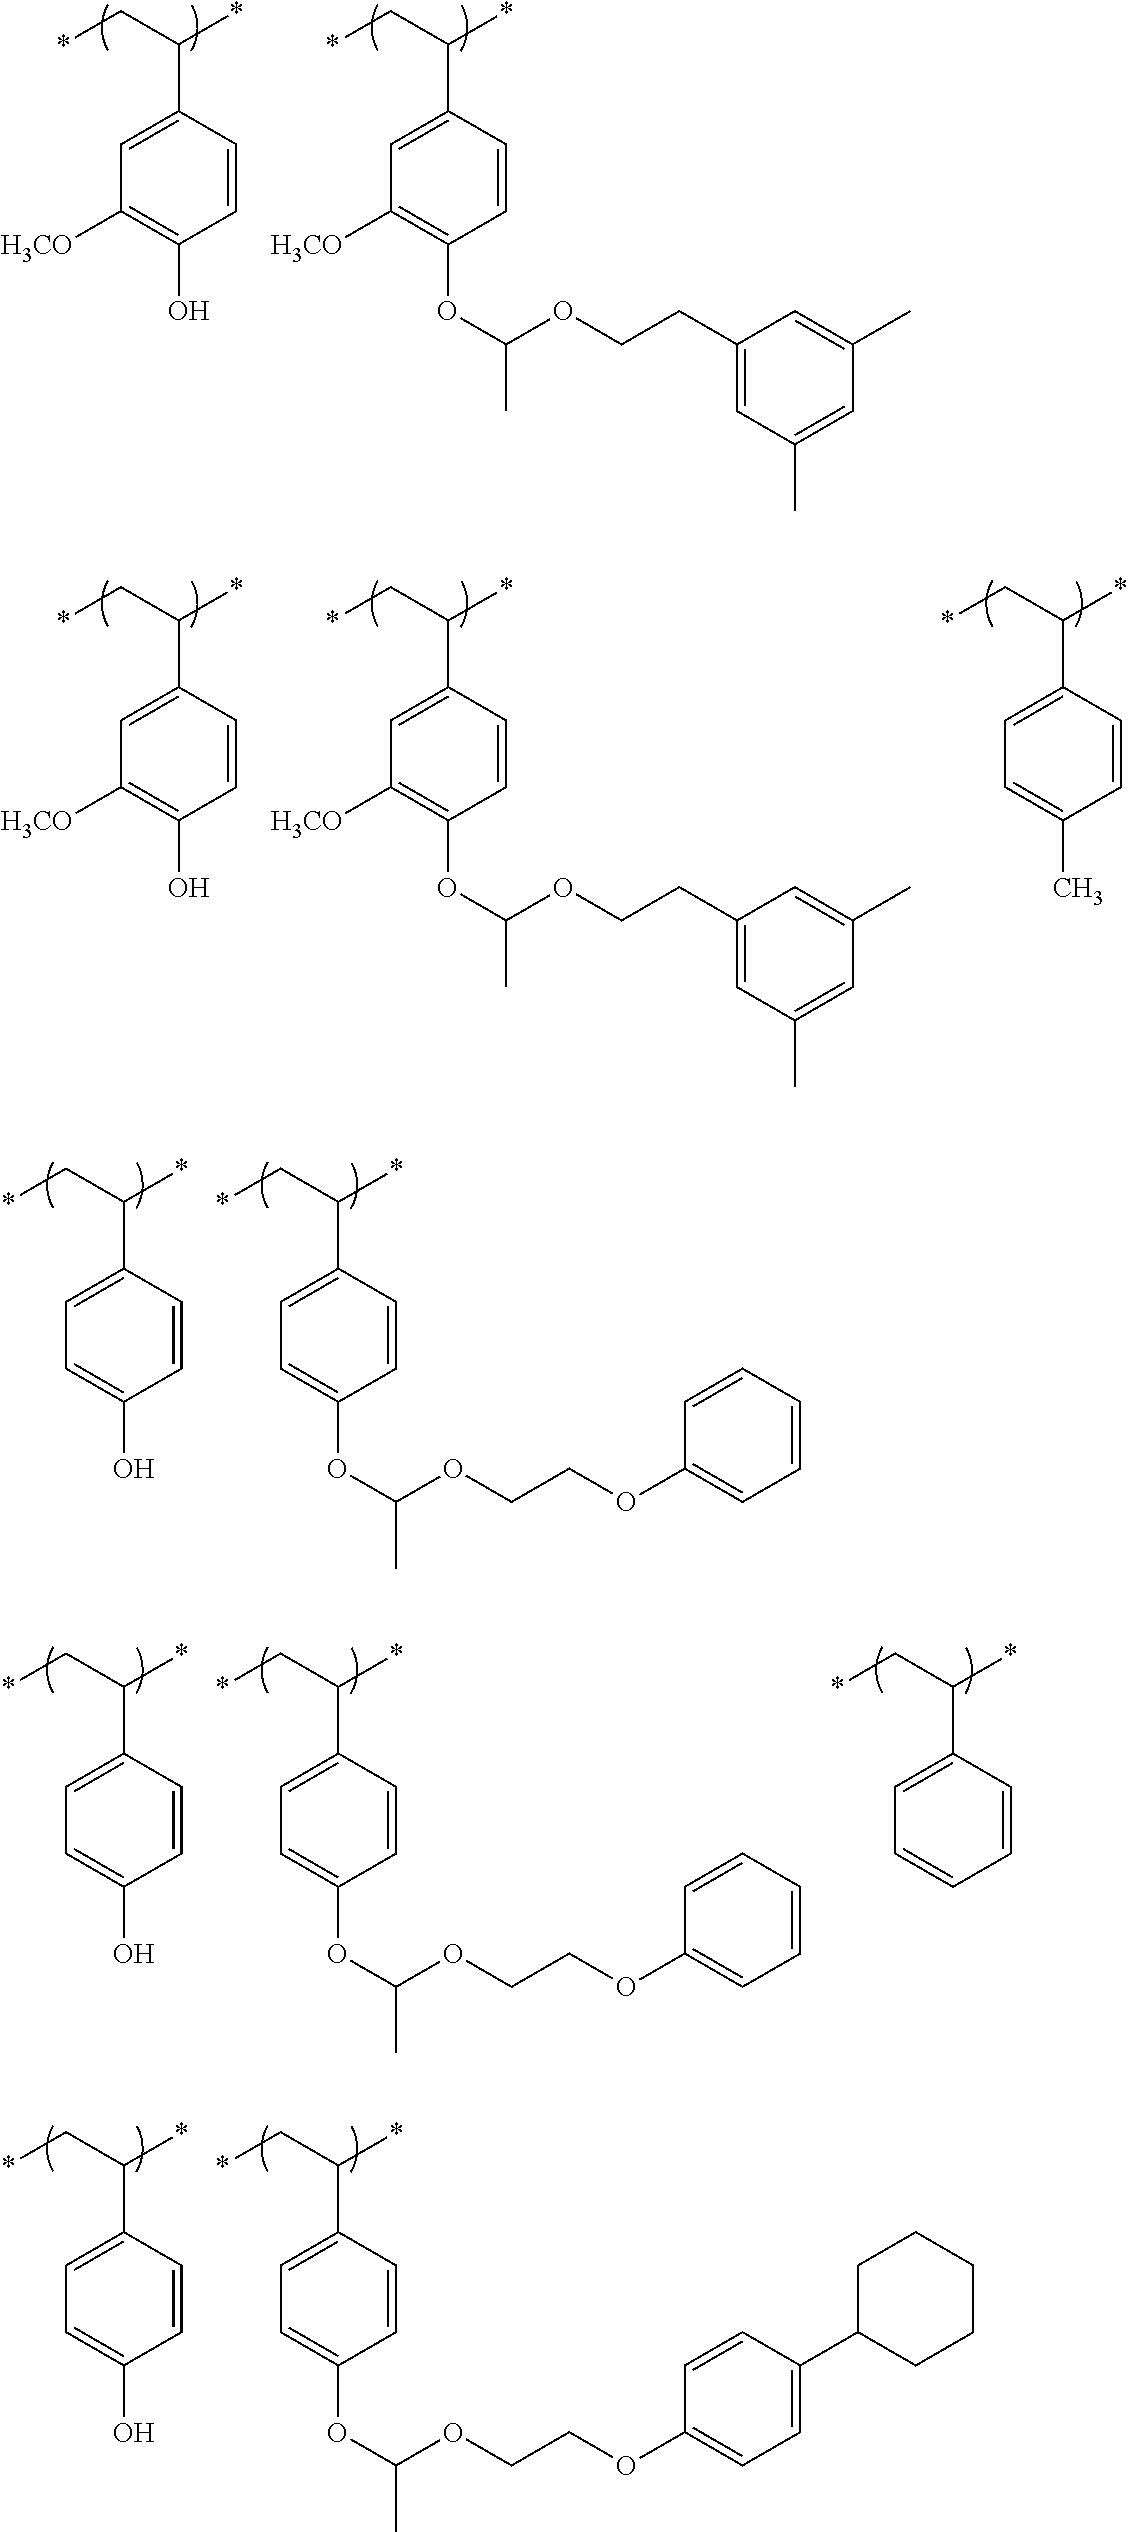 Figure US20110183258A1-20110728-C00075